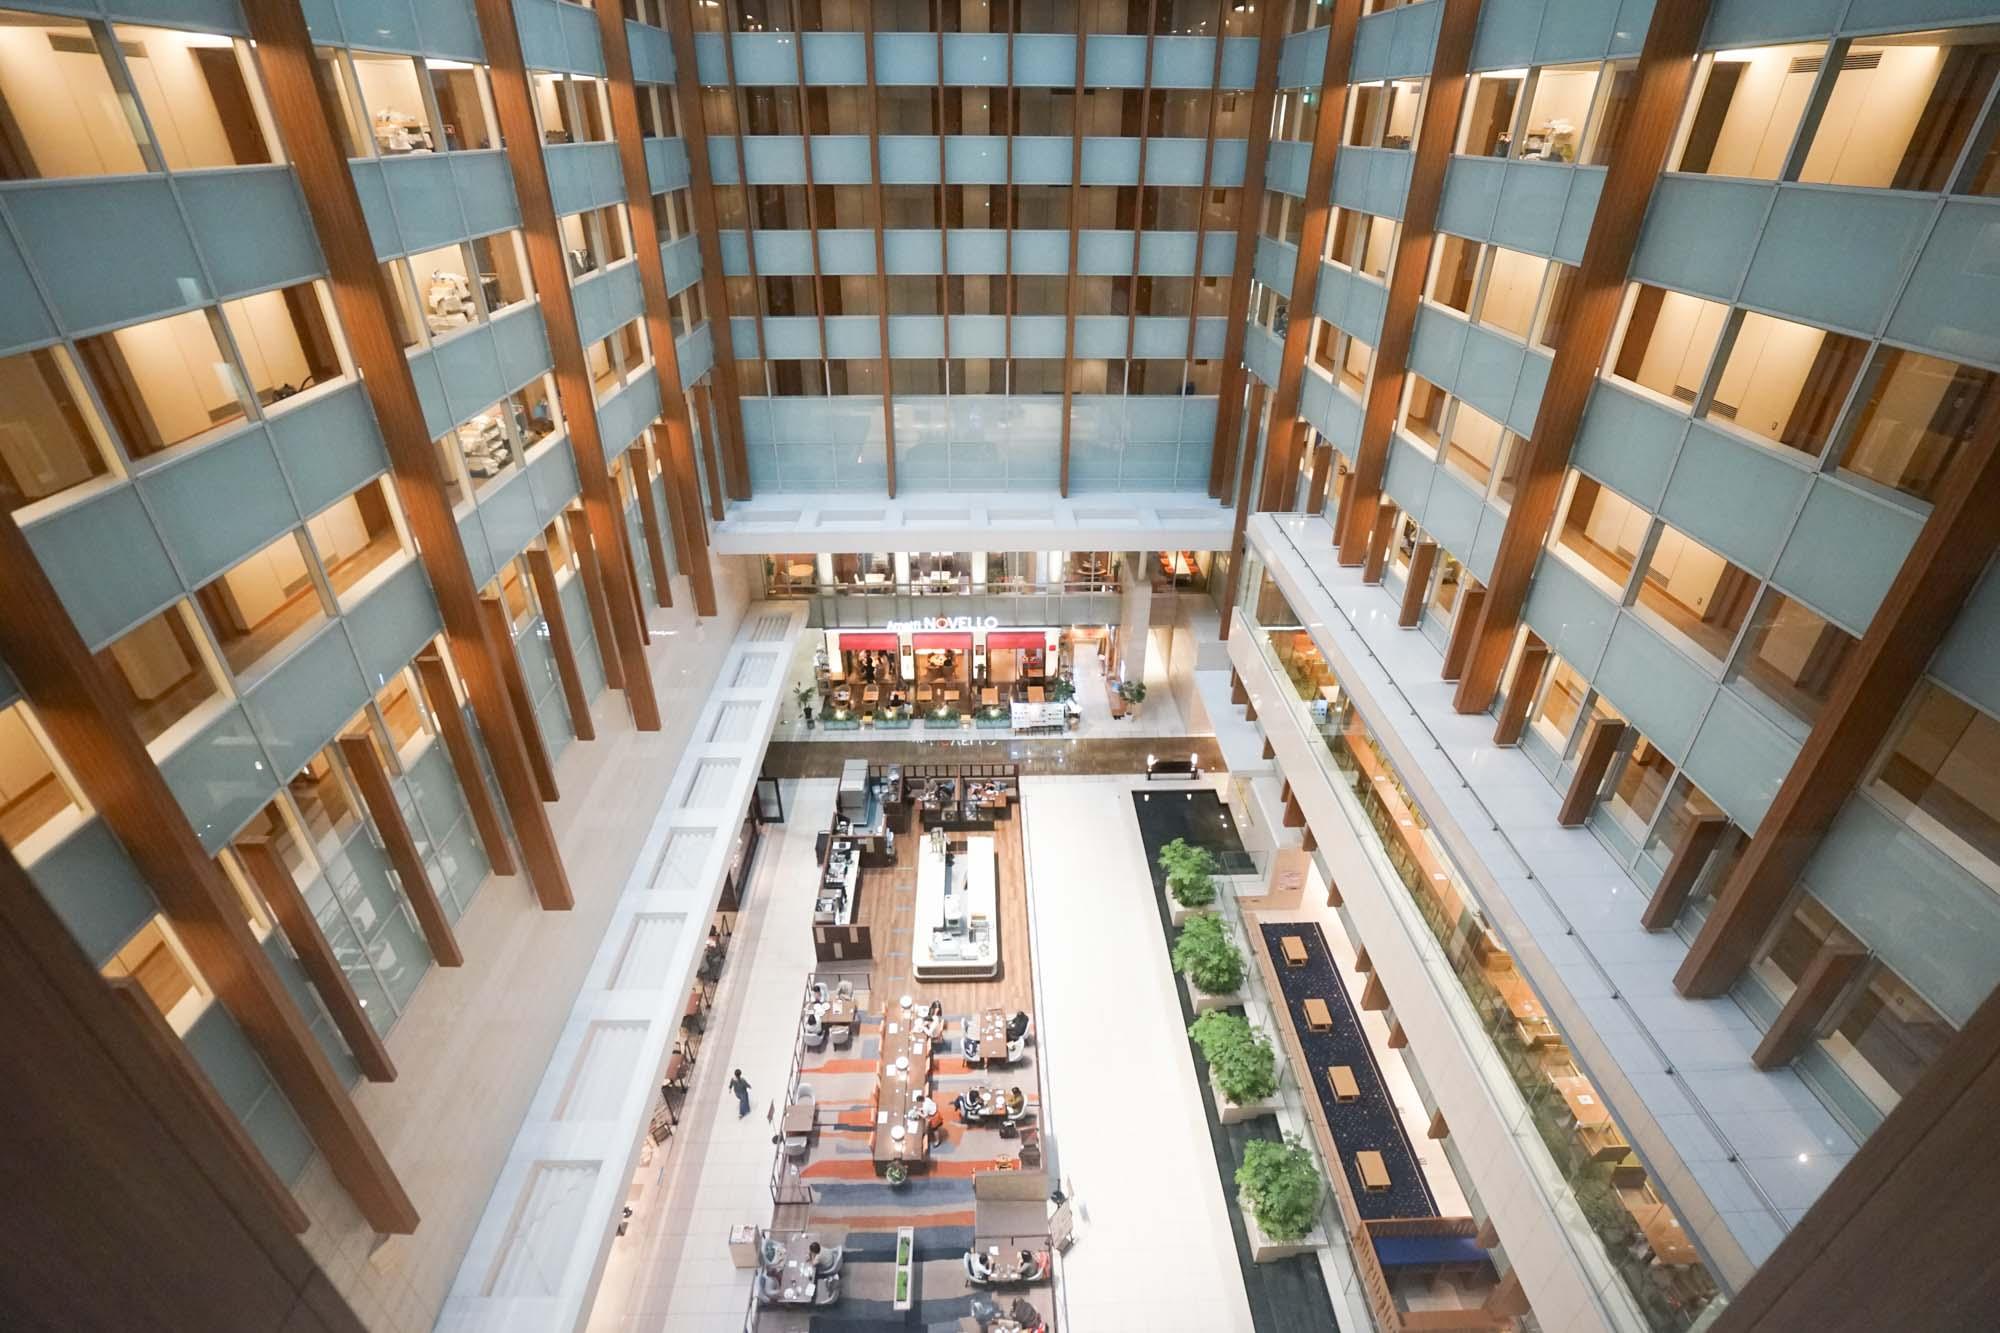 10階から19階までのホテルのフロアは、大きな吹き抜け空間になっていて、開放感もあります。